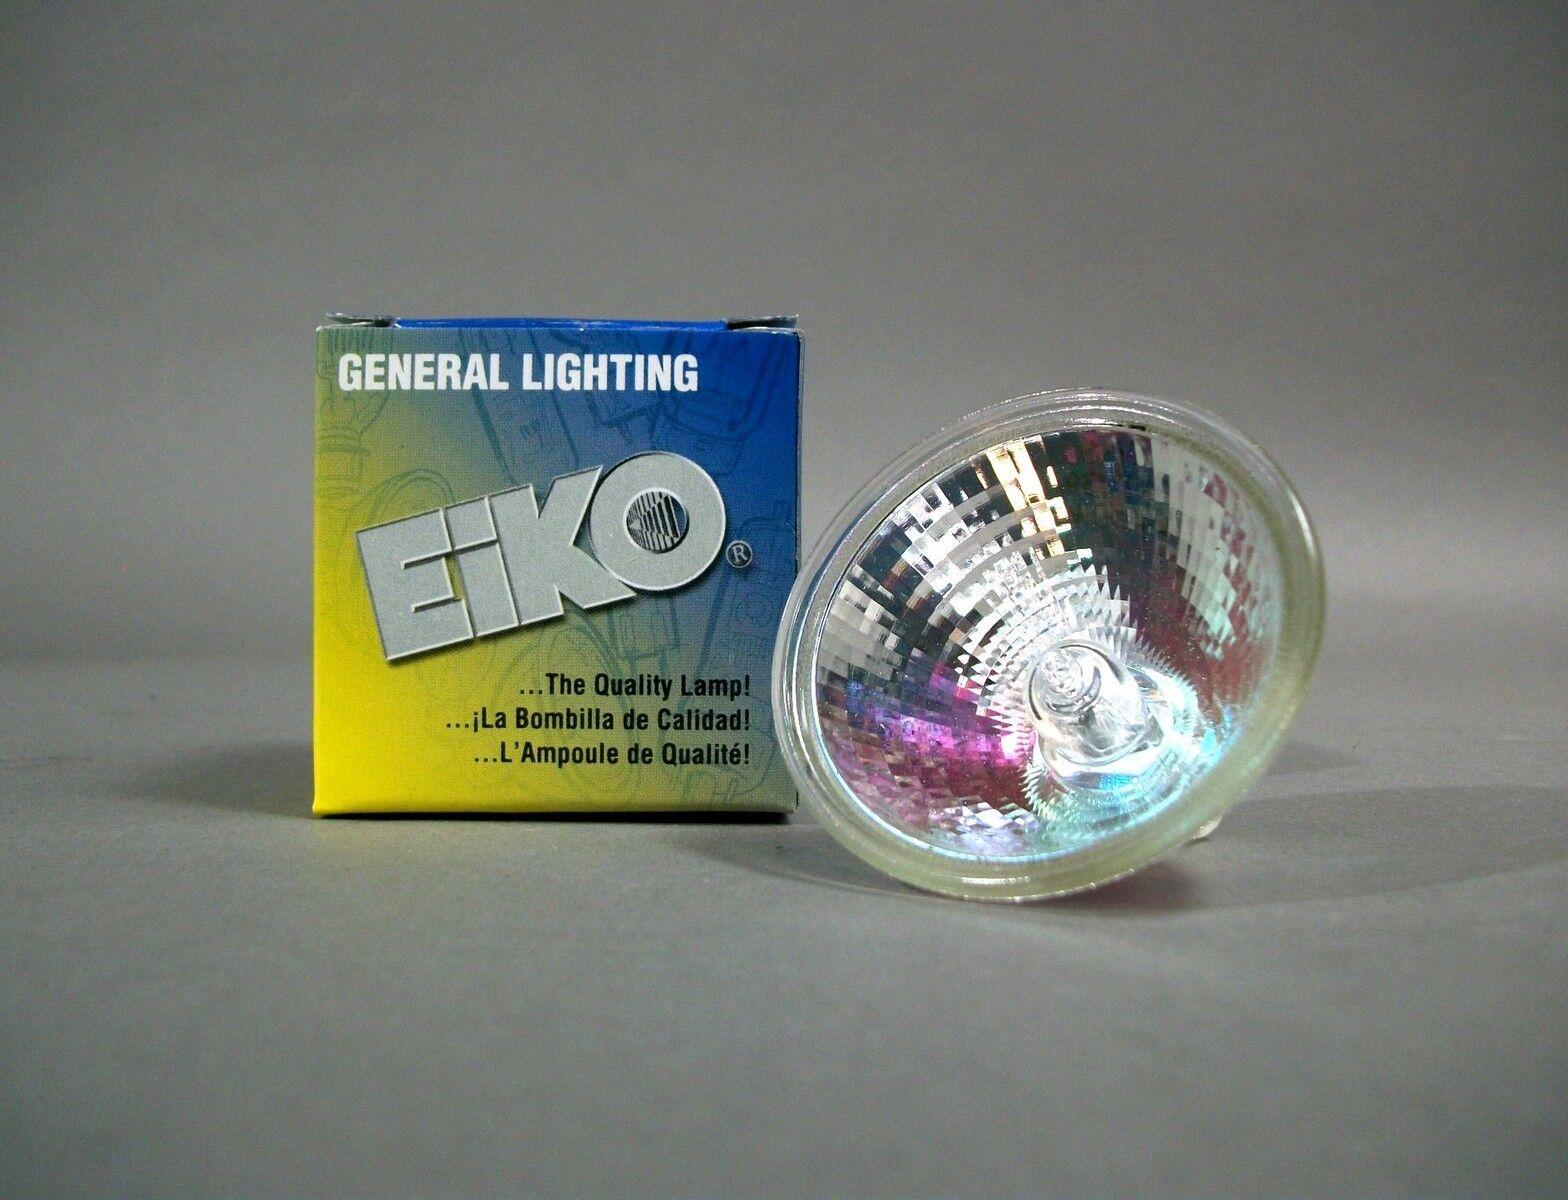 Caso de 250 Eiko MR16 Base Ext 12V 50W 13 ° bombilla halógena luz de inundación-Nuevo